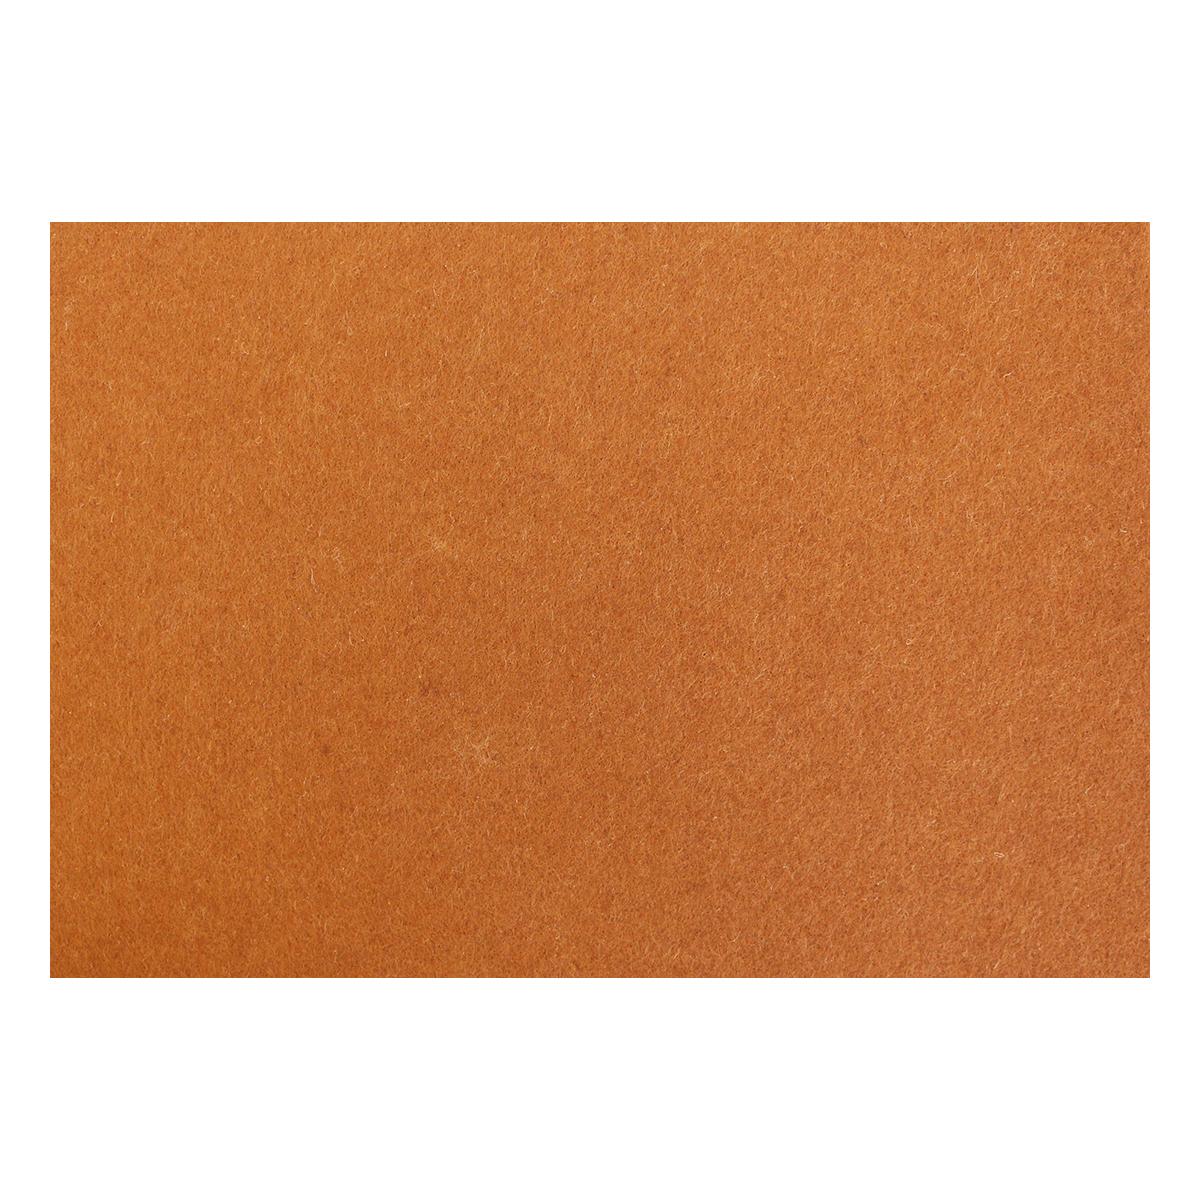 Фетр листовой Астра, цвет: терракотовый, 20 х 30 см, 10 шт7708618_YF 669 терракотФетр декоративный Астра очень приятен в работе: не сыпется, хорошо клеится, режется и сгибается в любых направлениях. Фетр отлично сочетается с предметами в технике фильцевания.Из фетра получаются чудеснейшие украшения (броши, подвески и так далее), обложки для книг, блокнотов и документов, картины, интересные детали дляинтерьера и прочее.Размер одного листа: 200 x 300 мм.